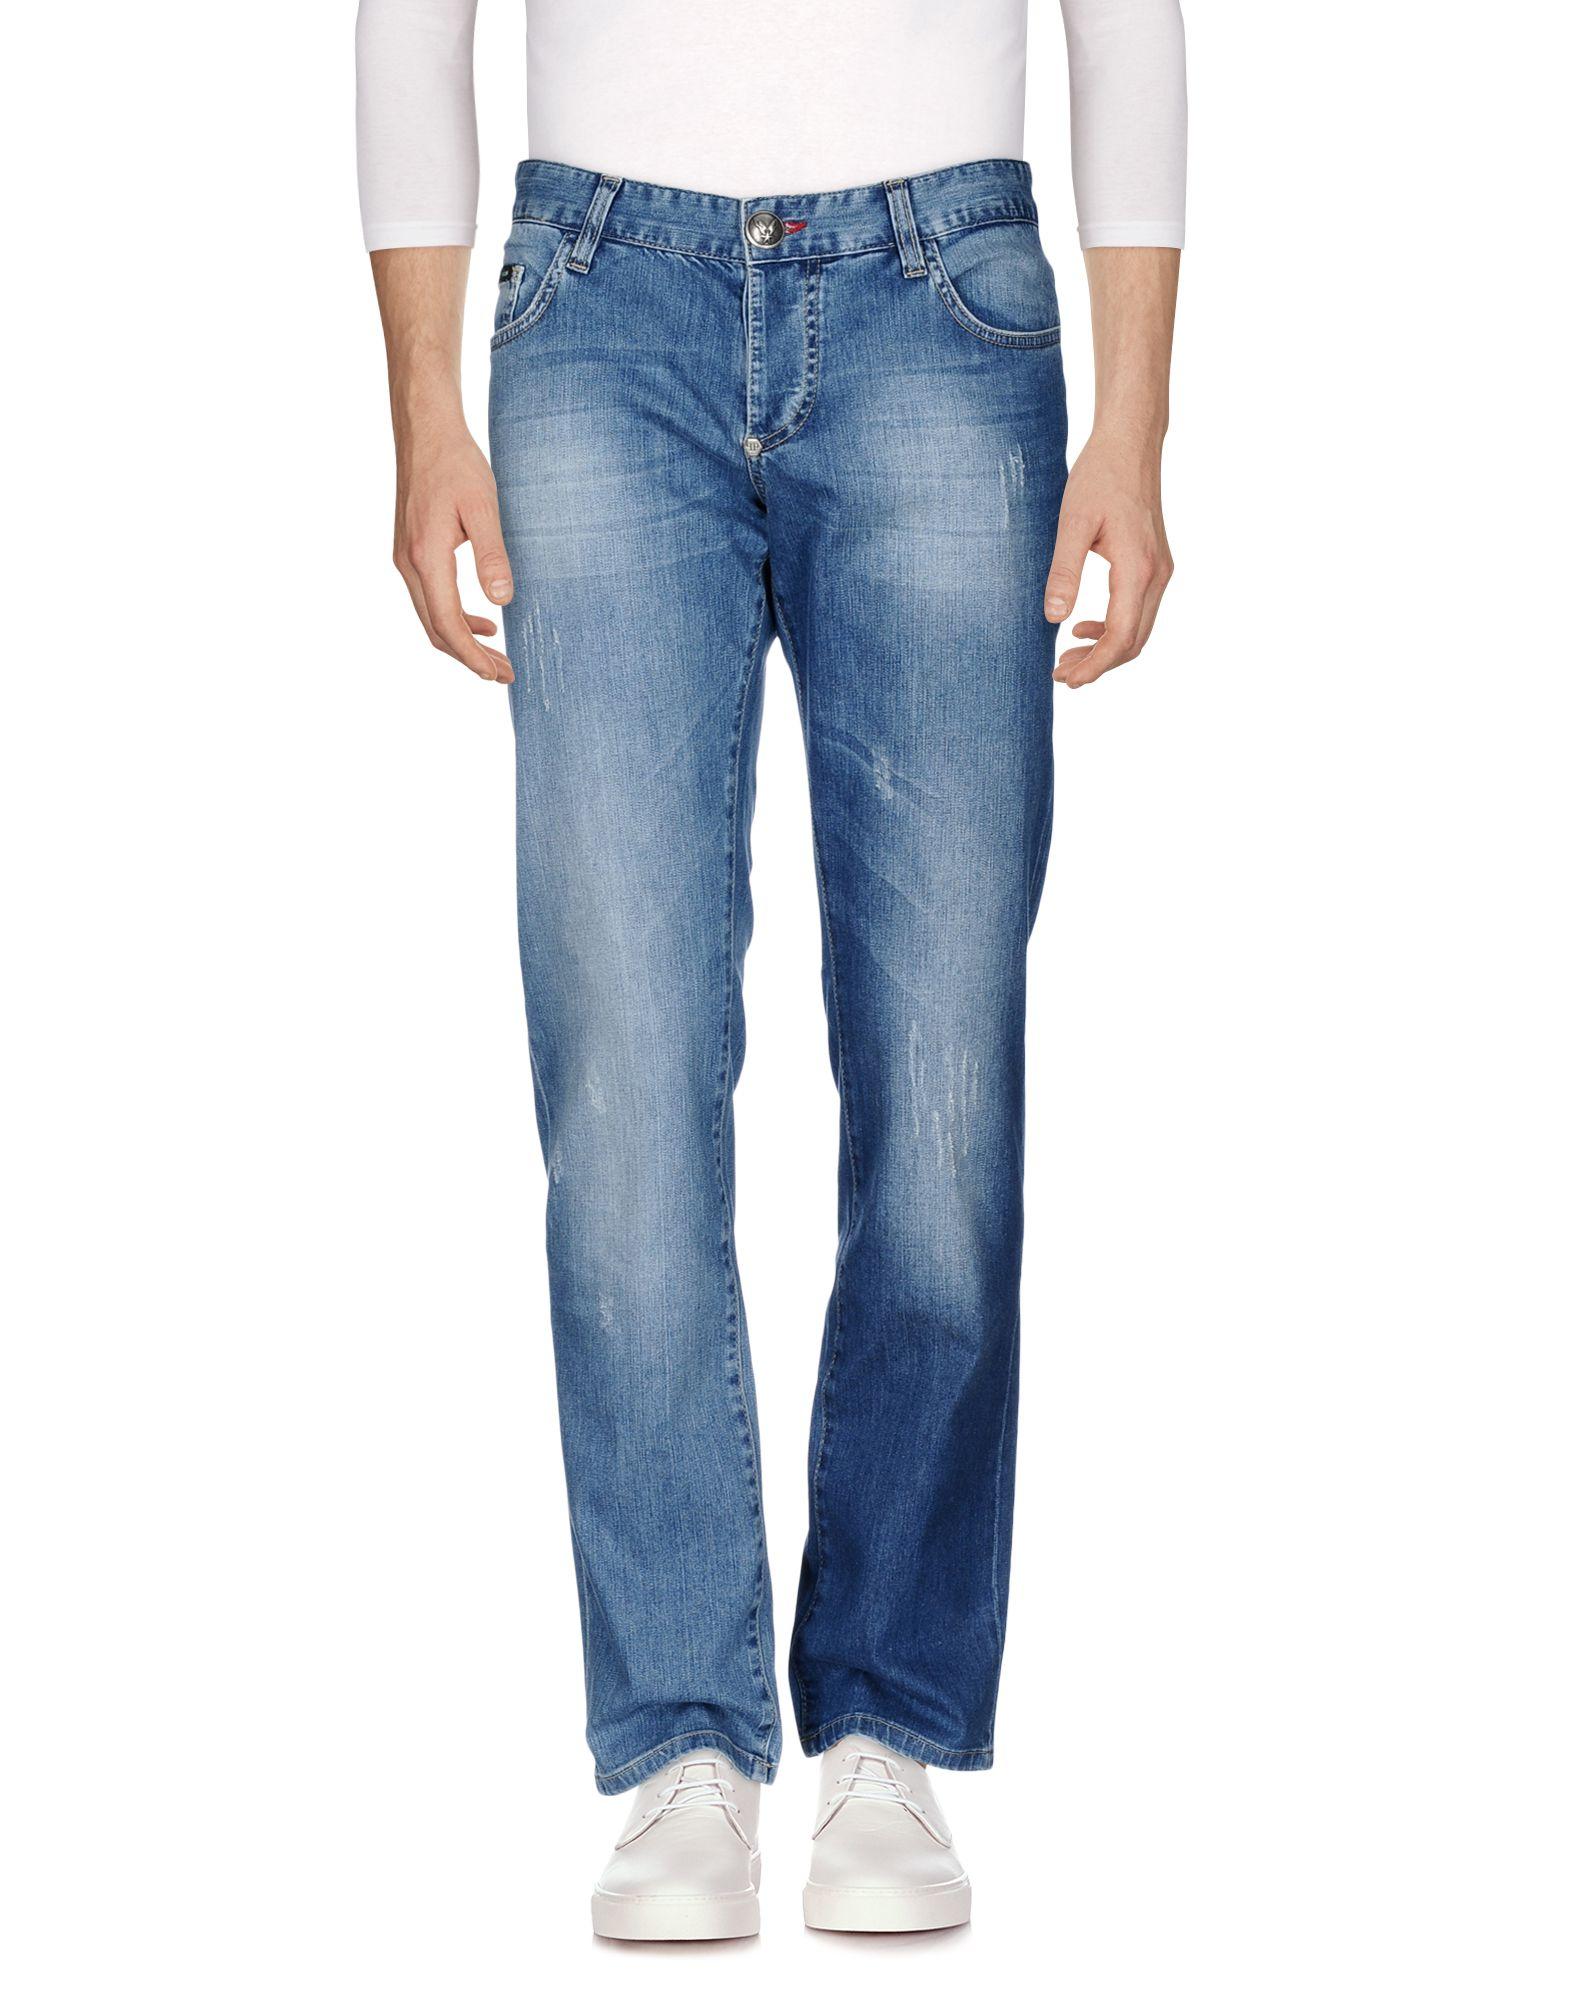 Pantaloni Pantaloni Pantaloni Jeans Philipp Plein Uomo - 42649029LW c3696c